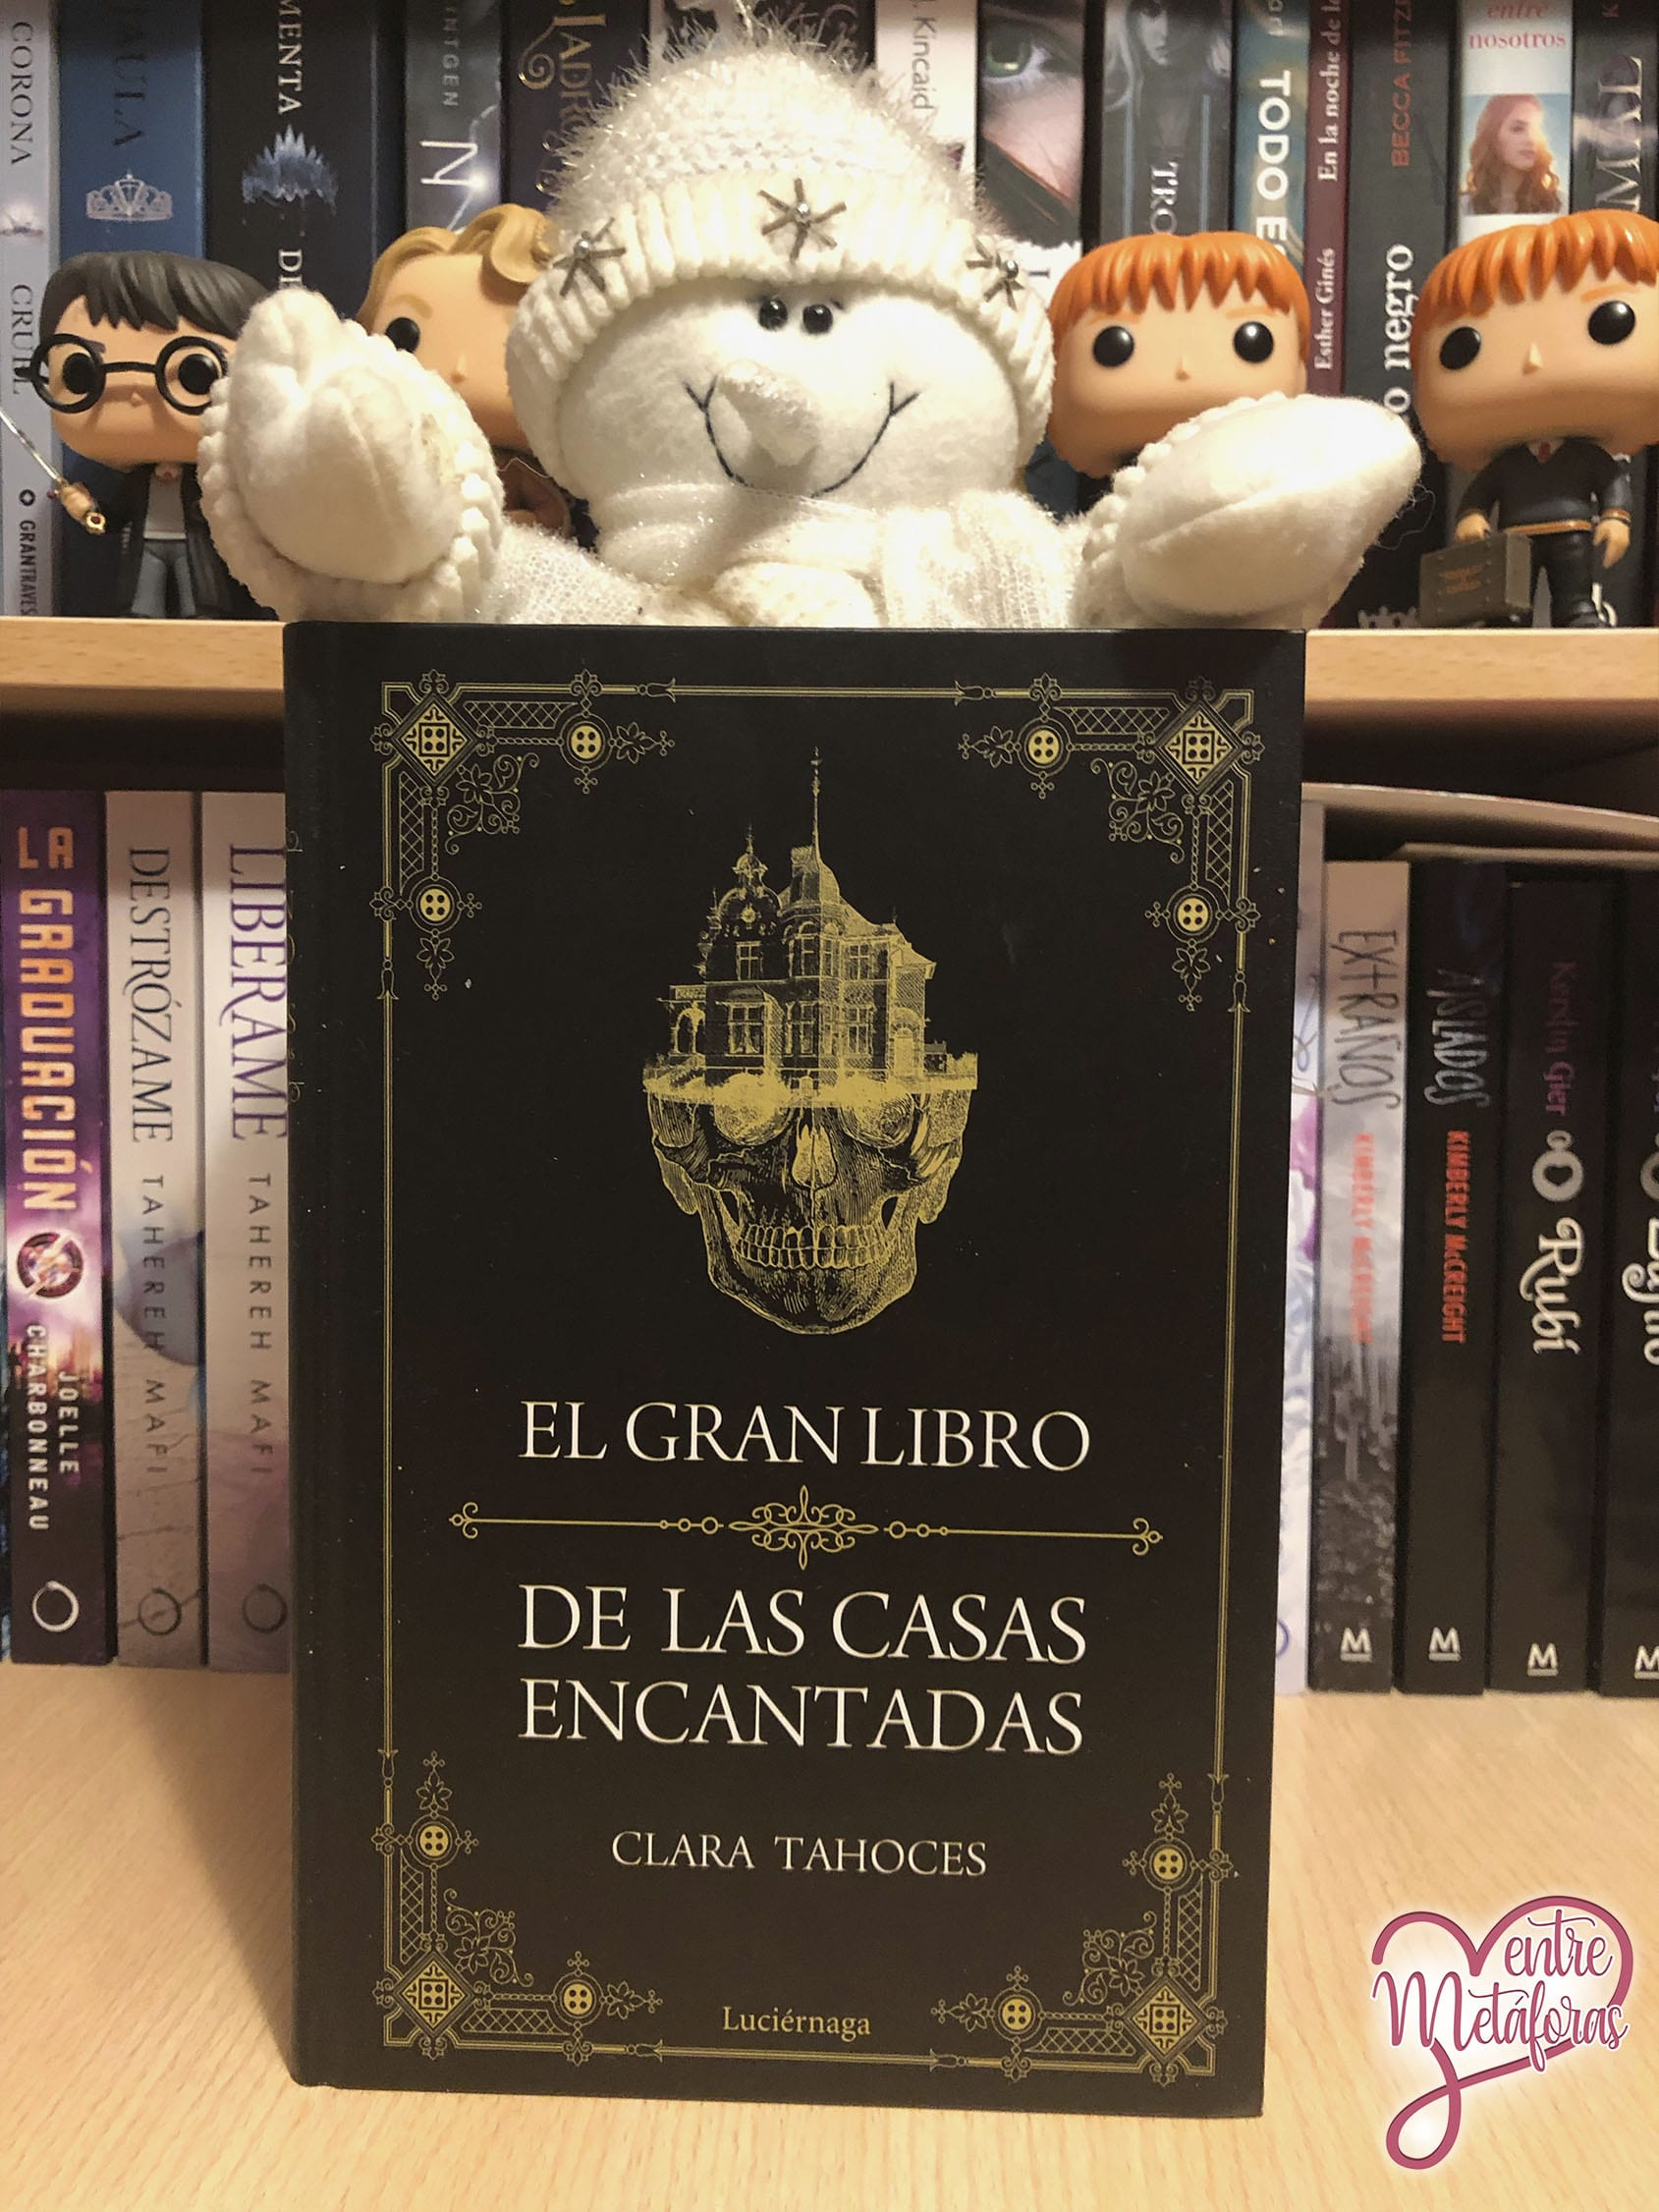 El gran libro de las casas encantadas, de Clara Tahoces - Reseña